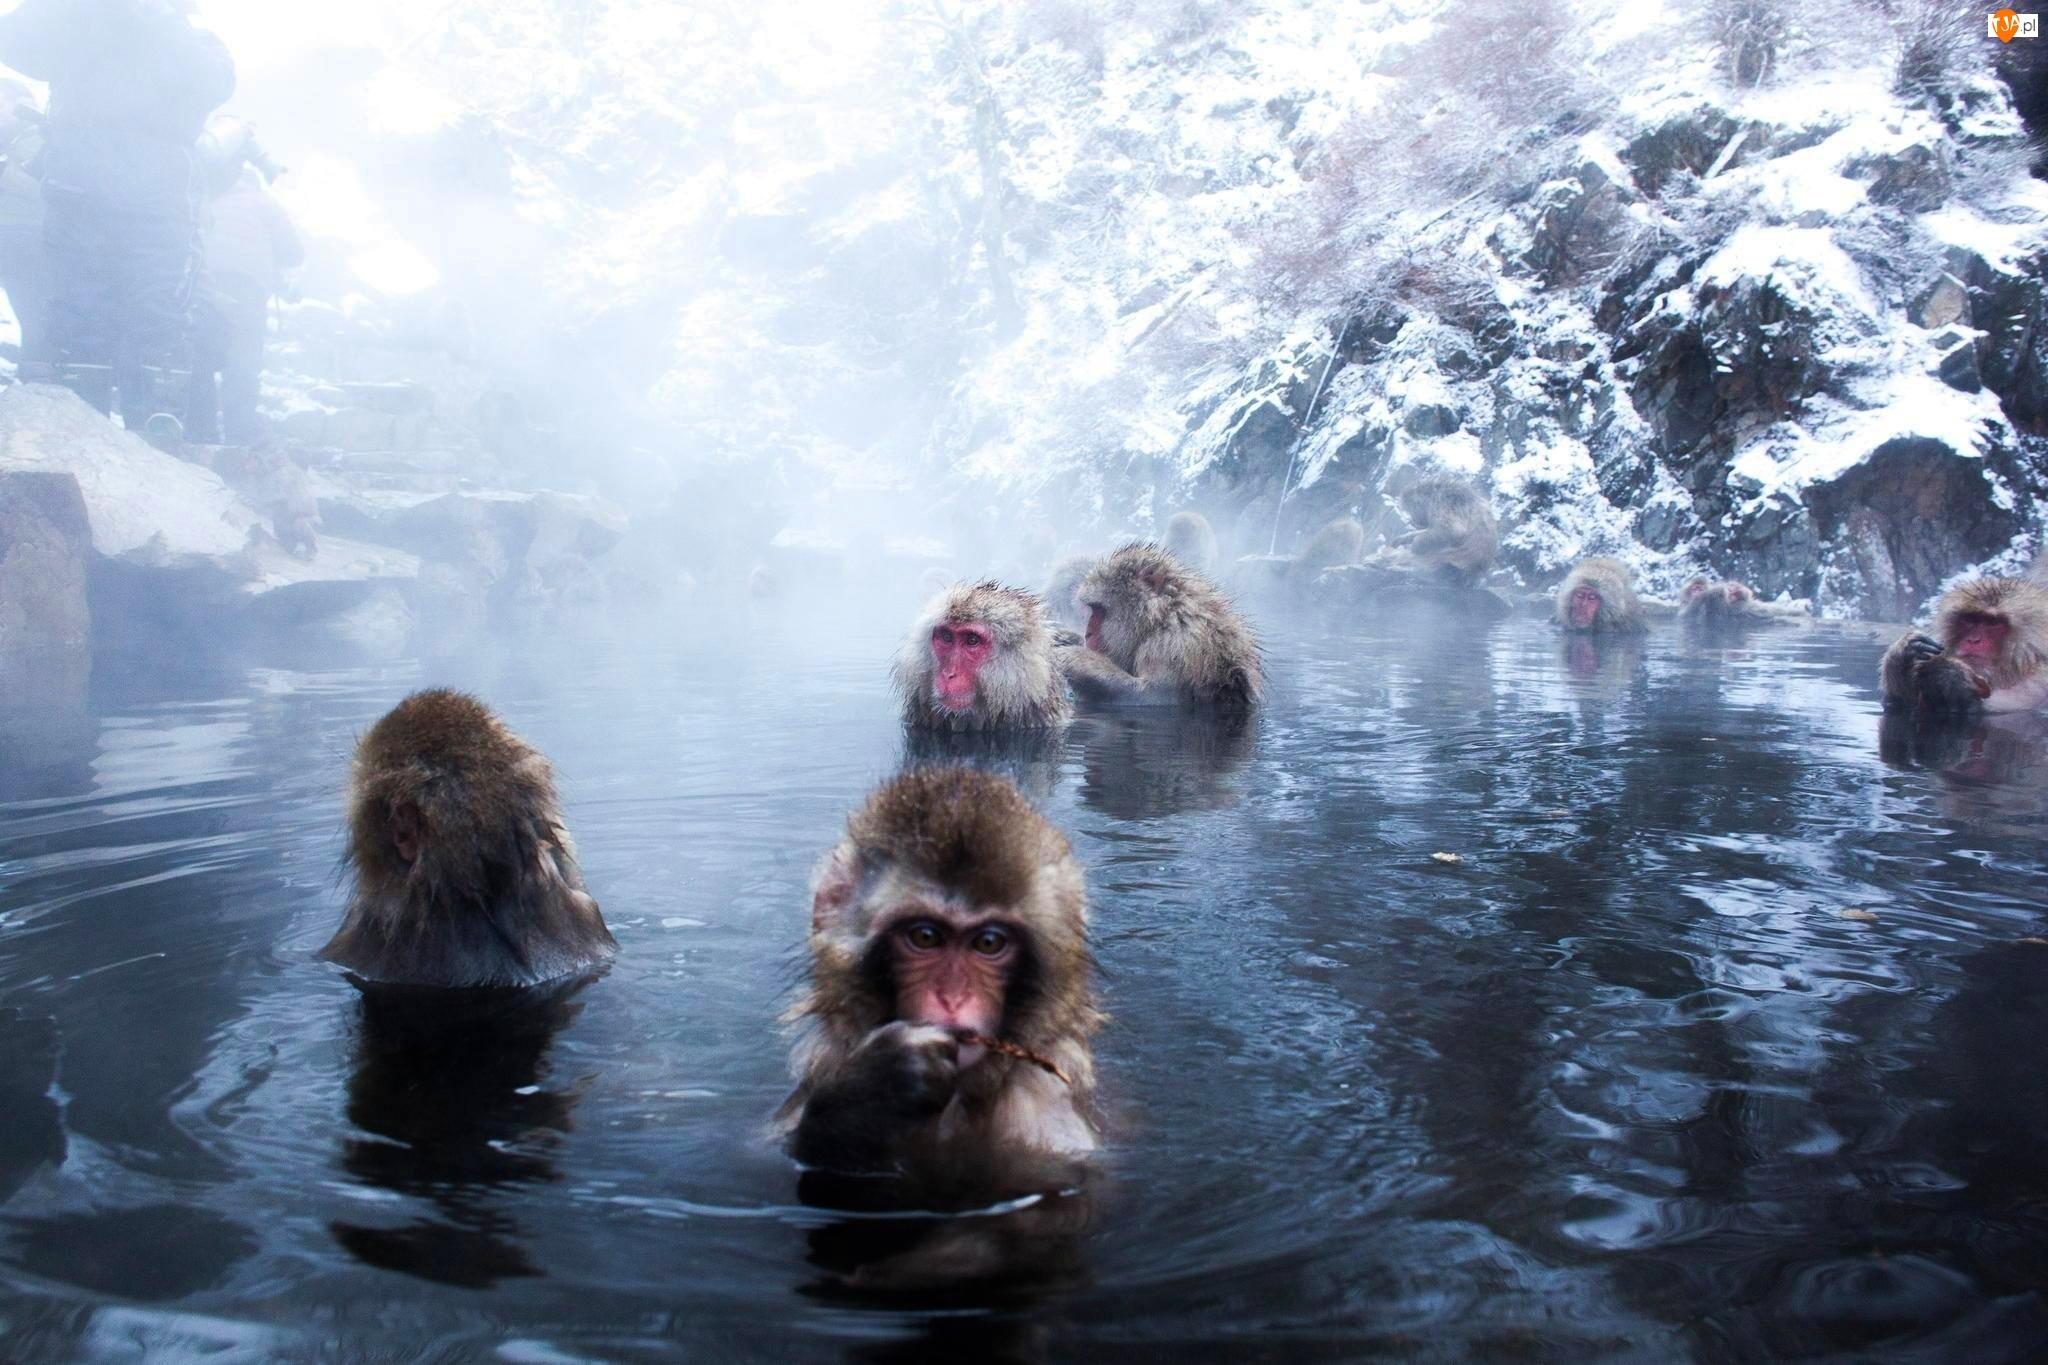 Małpki, Skały, Kąpiel, Woda